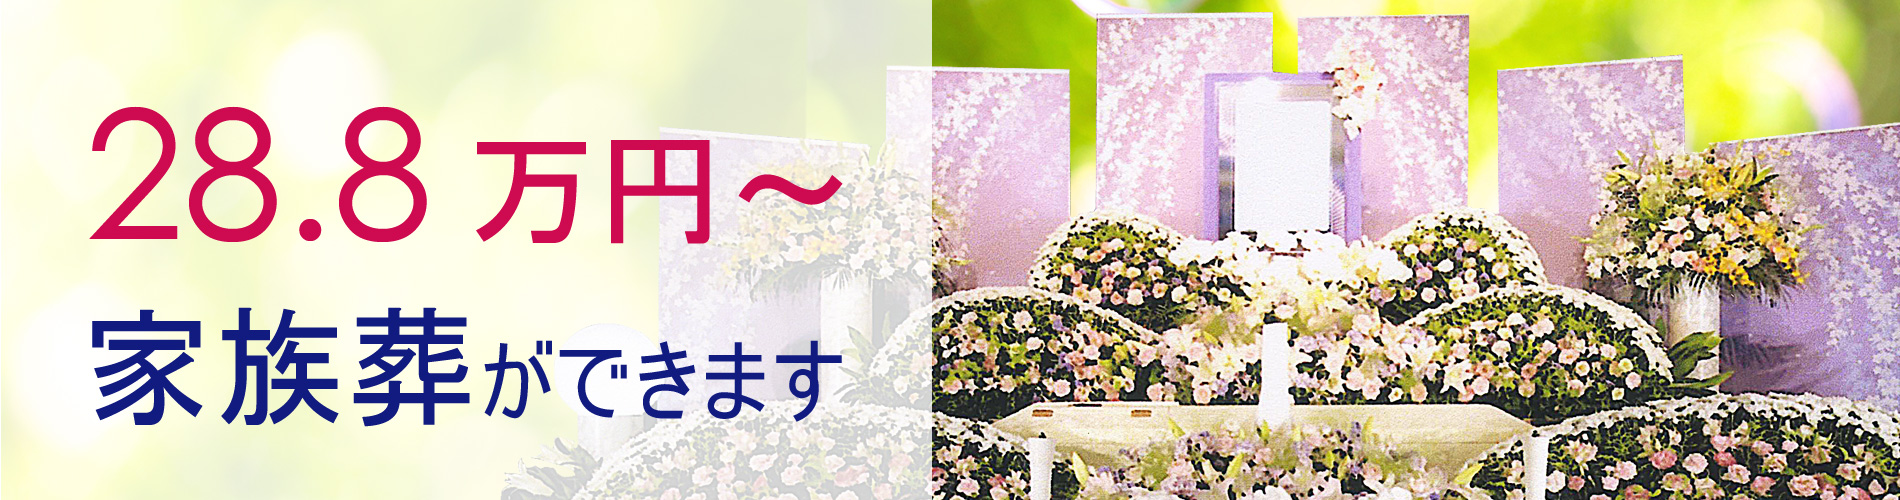 家族葬28.8万円~できます